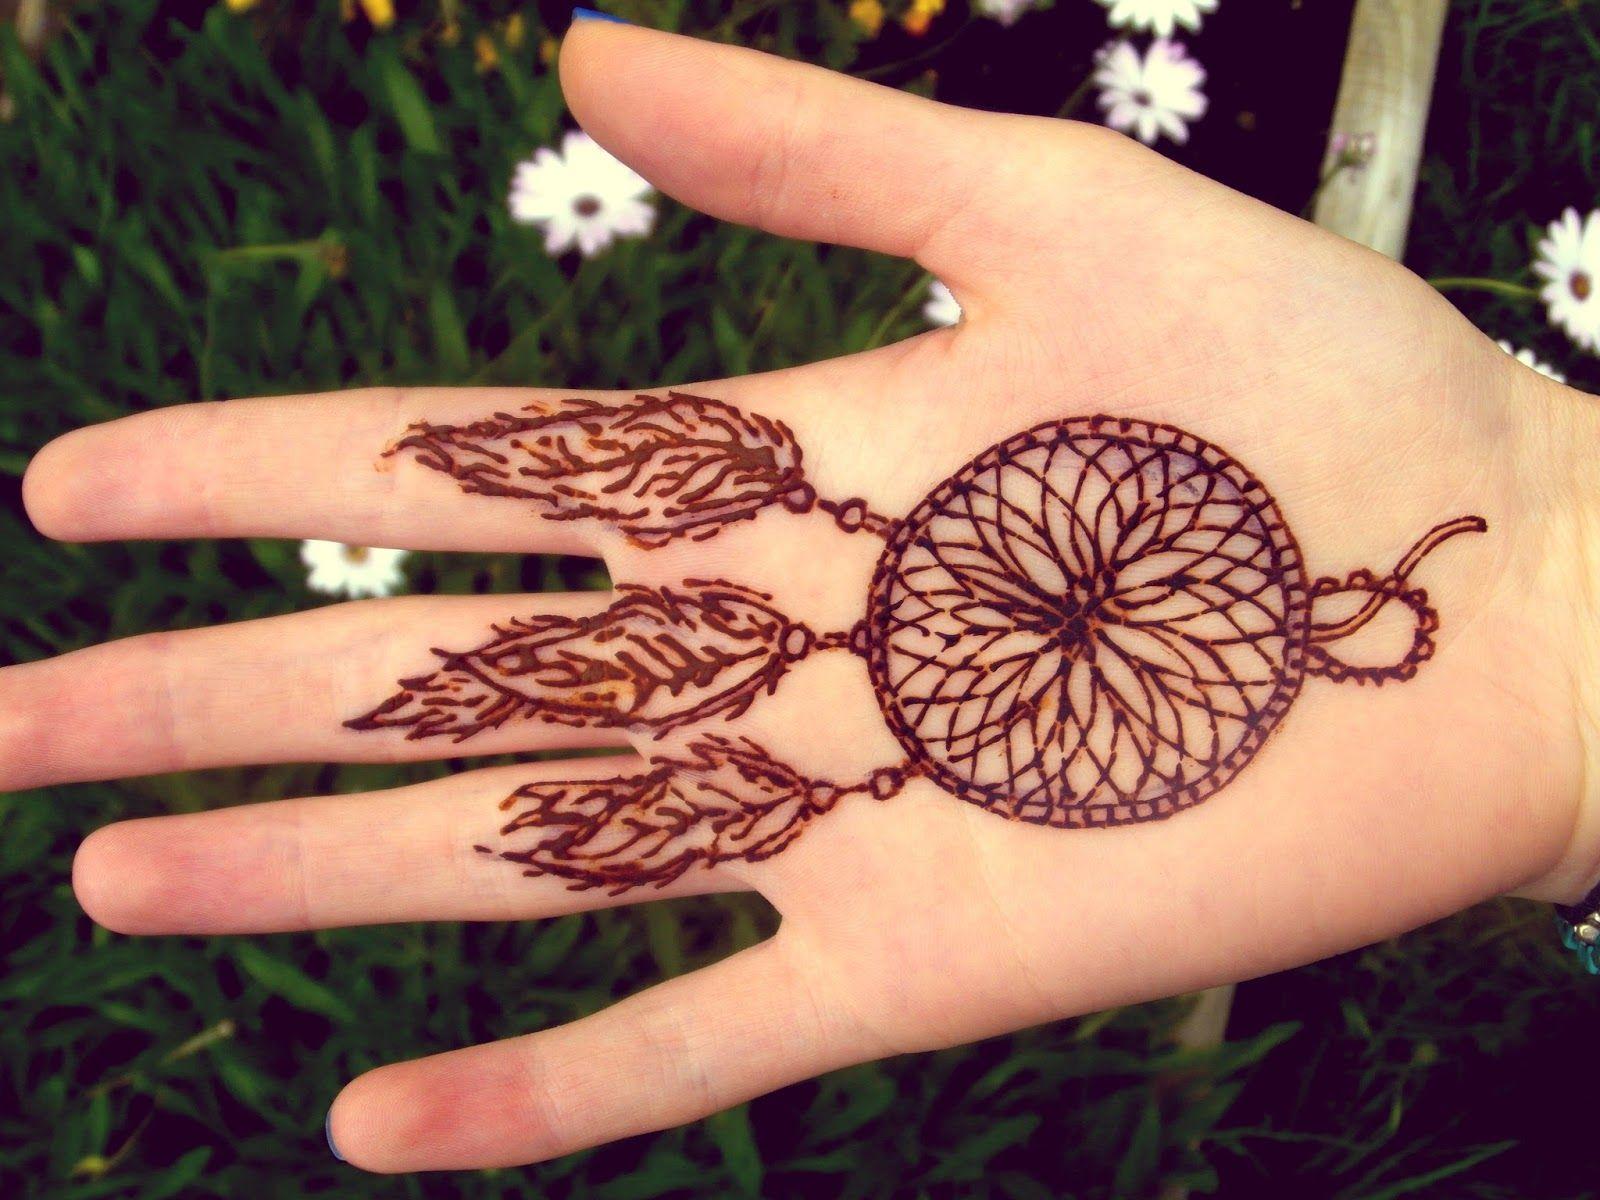 Dream Catcher Henna Tattoo Designs: Henna-dream-catcher-tattoo-design-on-wrist-4.JPG (1600